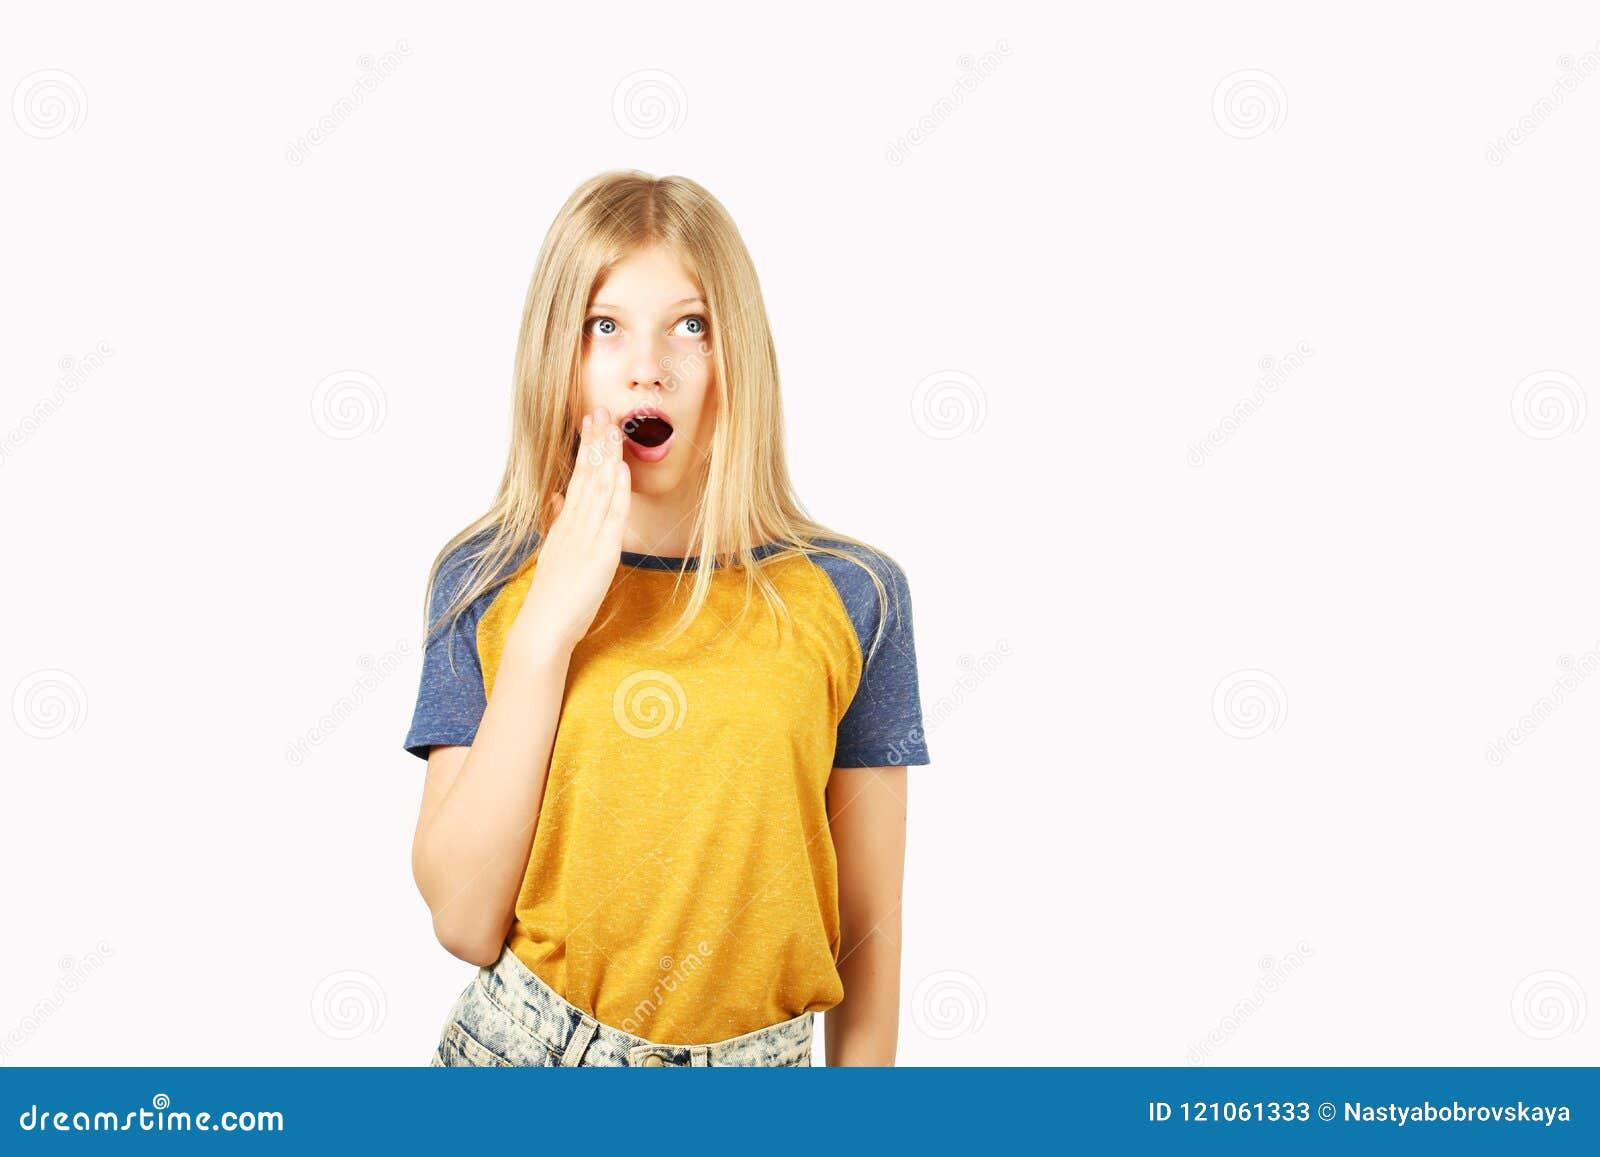 摆在白色的年轻美丽的少年模型女孩隔绝了显示情感表情的背景